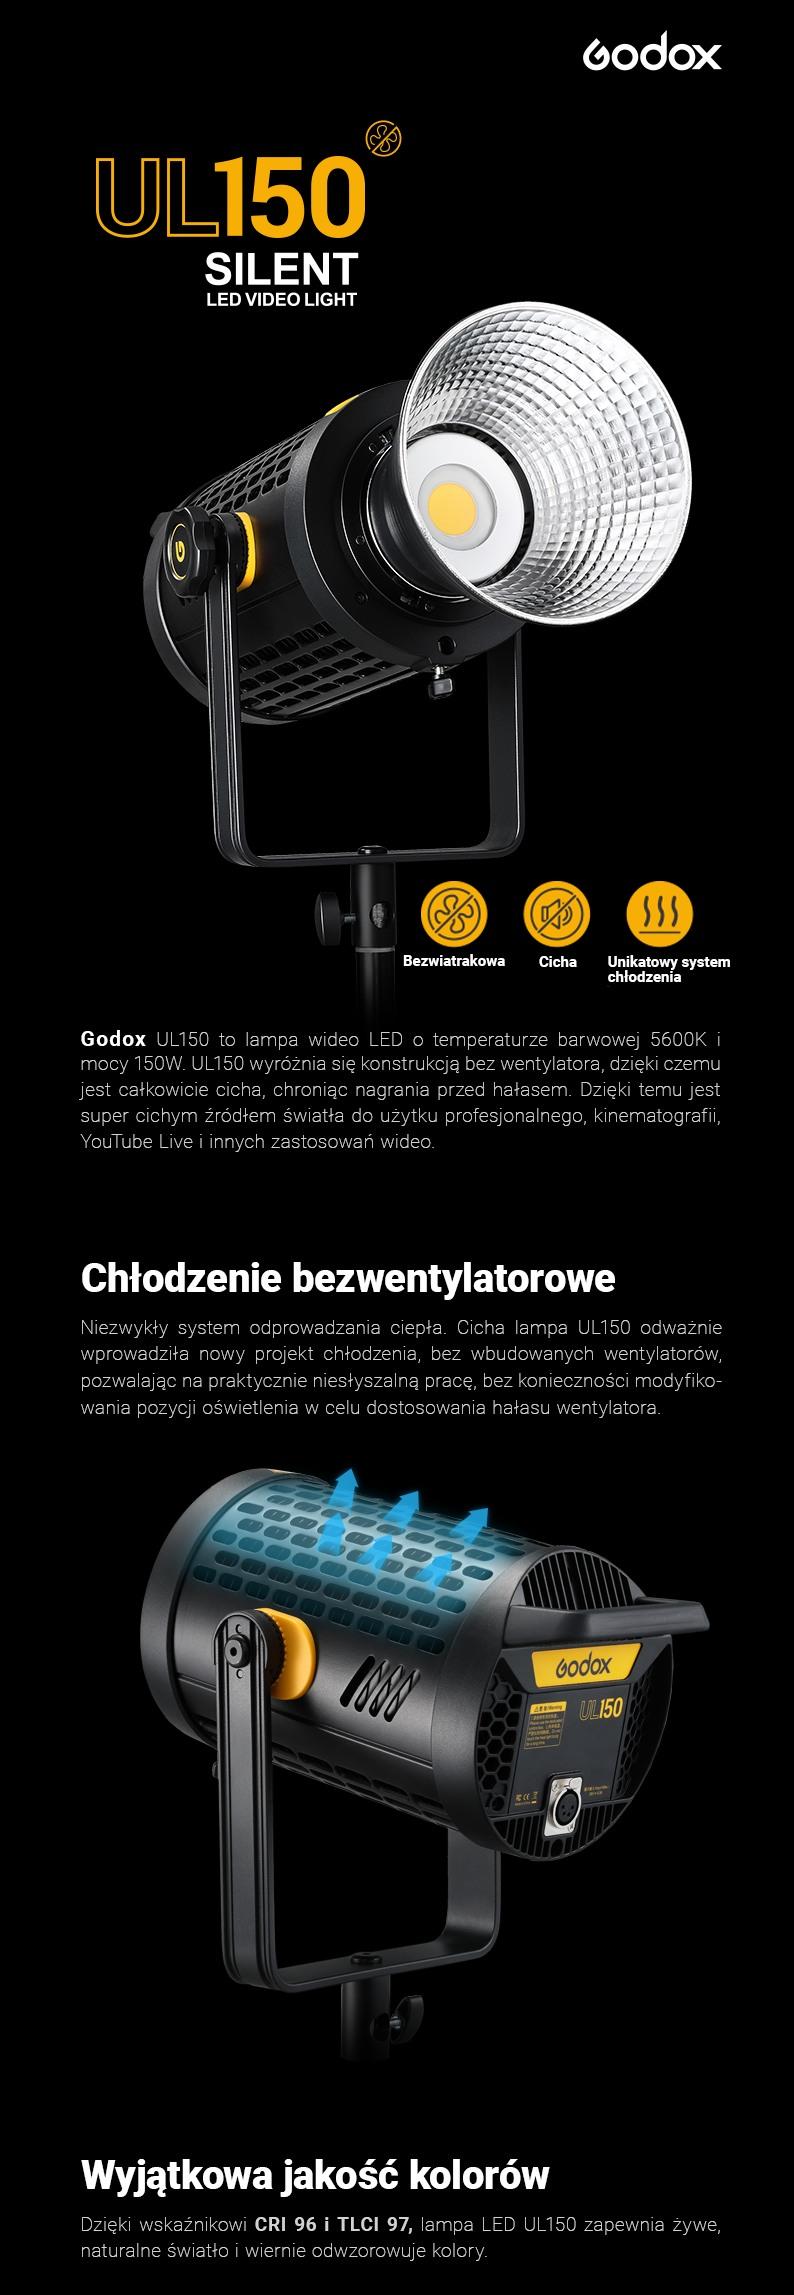 Godox UL150 Cicha lampa LED. Bezwiatrakowe chłodzenie i wyjątkowa jakość kolorów.